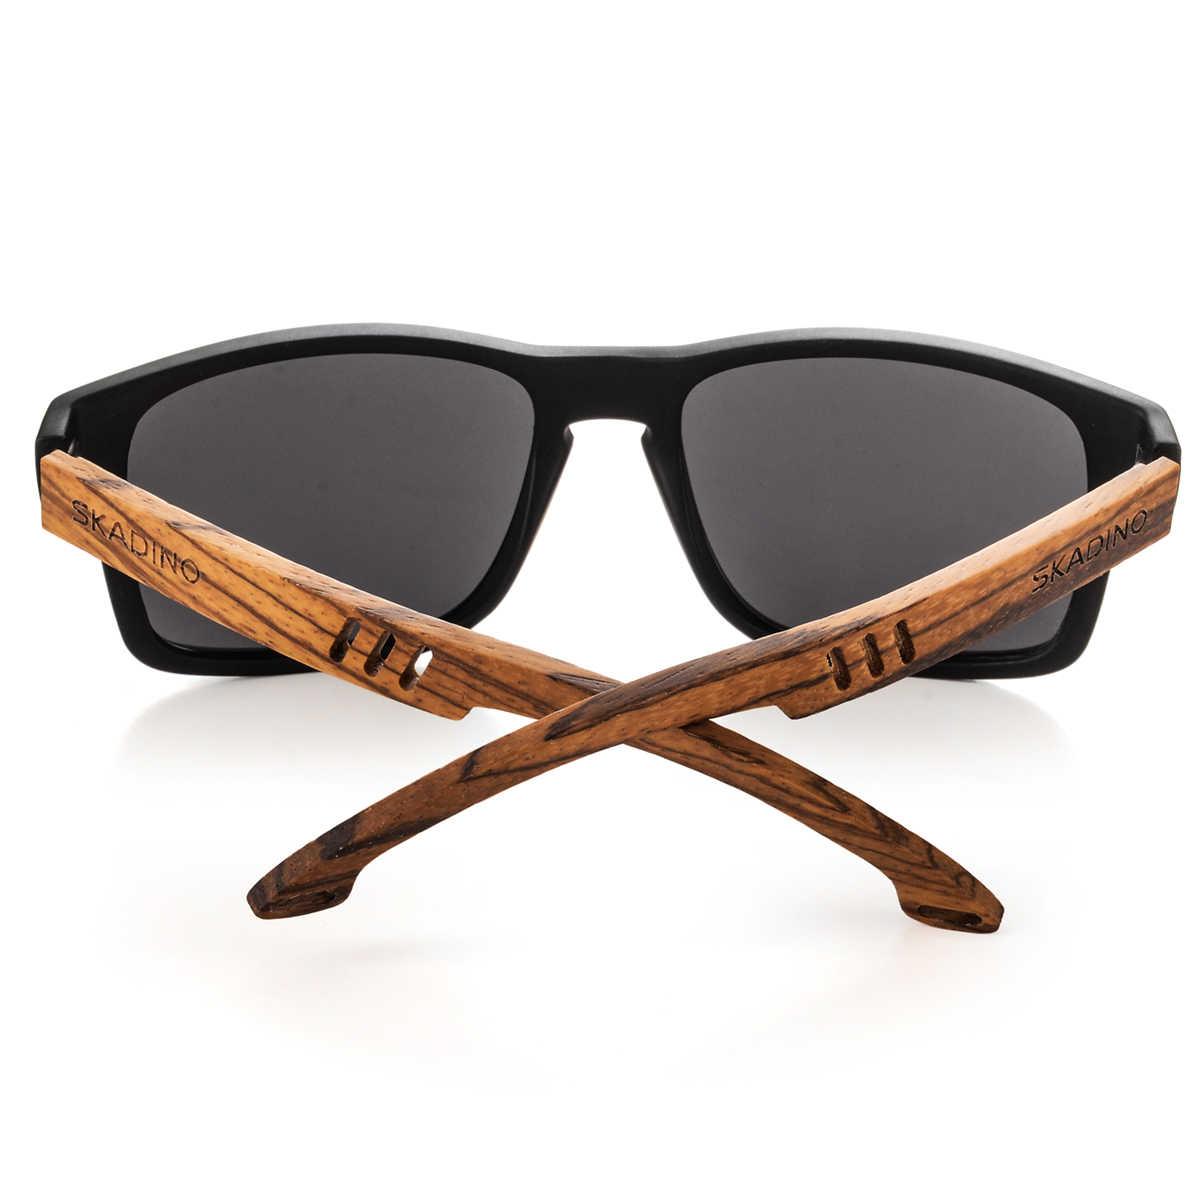 90daaa0d08 ... SKADINO Zebra Wood Men Sunglasses Polarized Wooden Sun Glasses for  Women Blue Green Lens Handmade Fashion ...